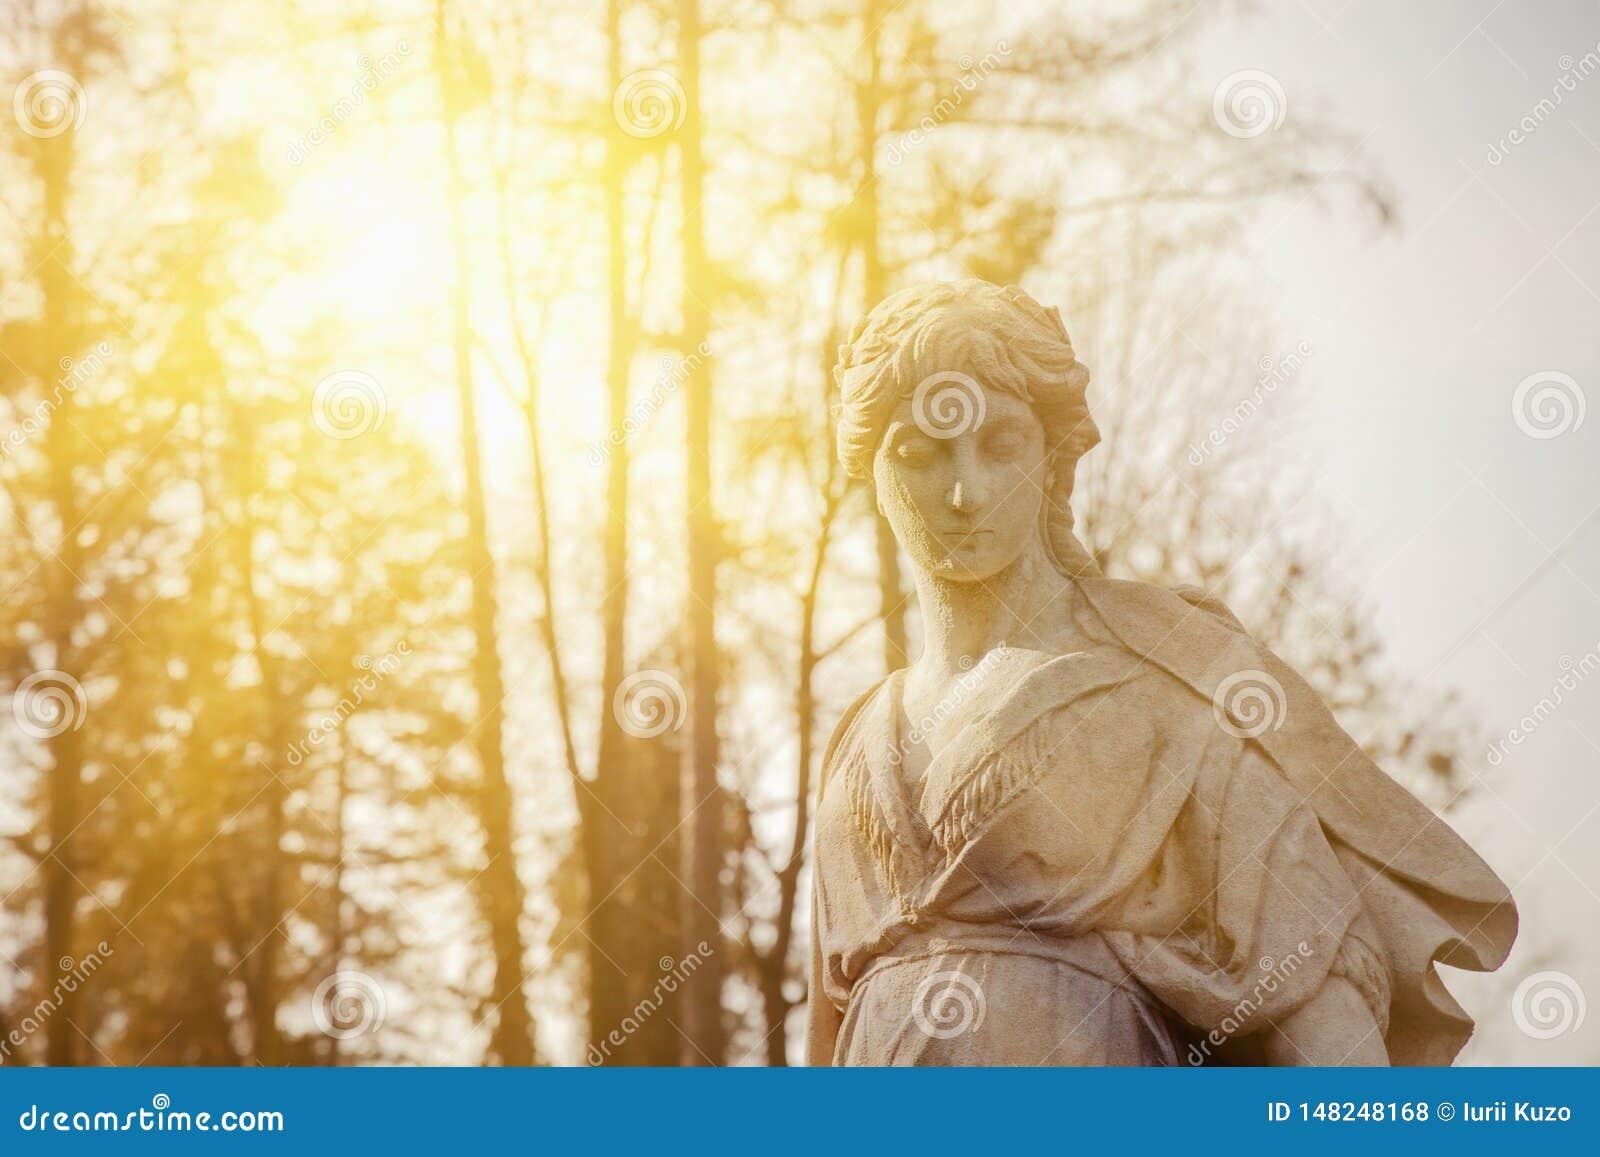 Gudinnan av förälskelse i grekisk mytologi, Aphrodite Venus i fragment för romersk mytologi av den forntida statyn i solljus